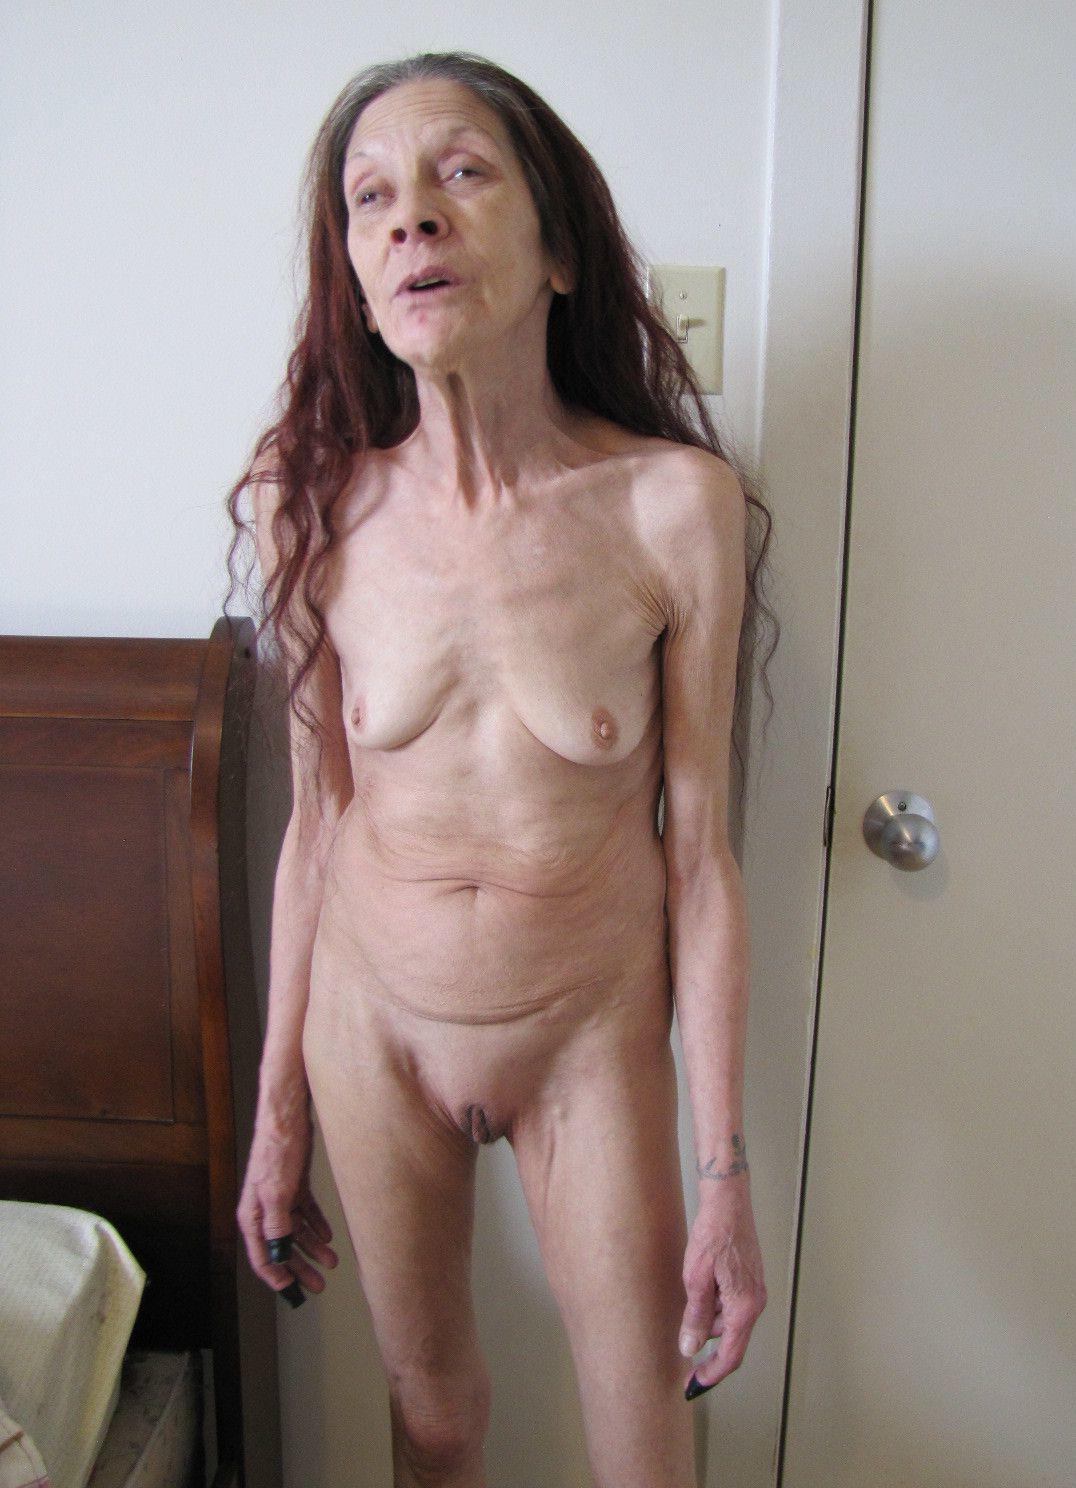 Skinny mature pic